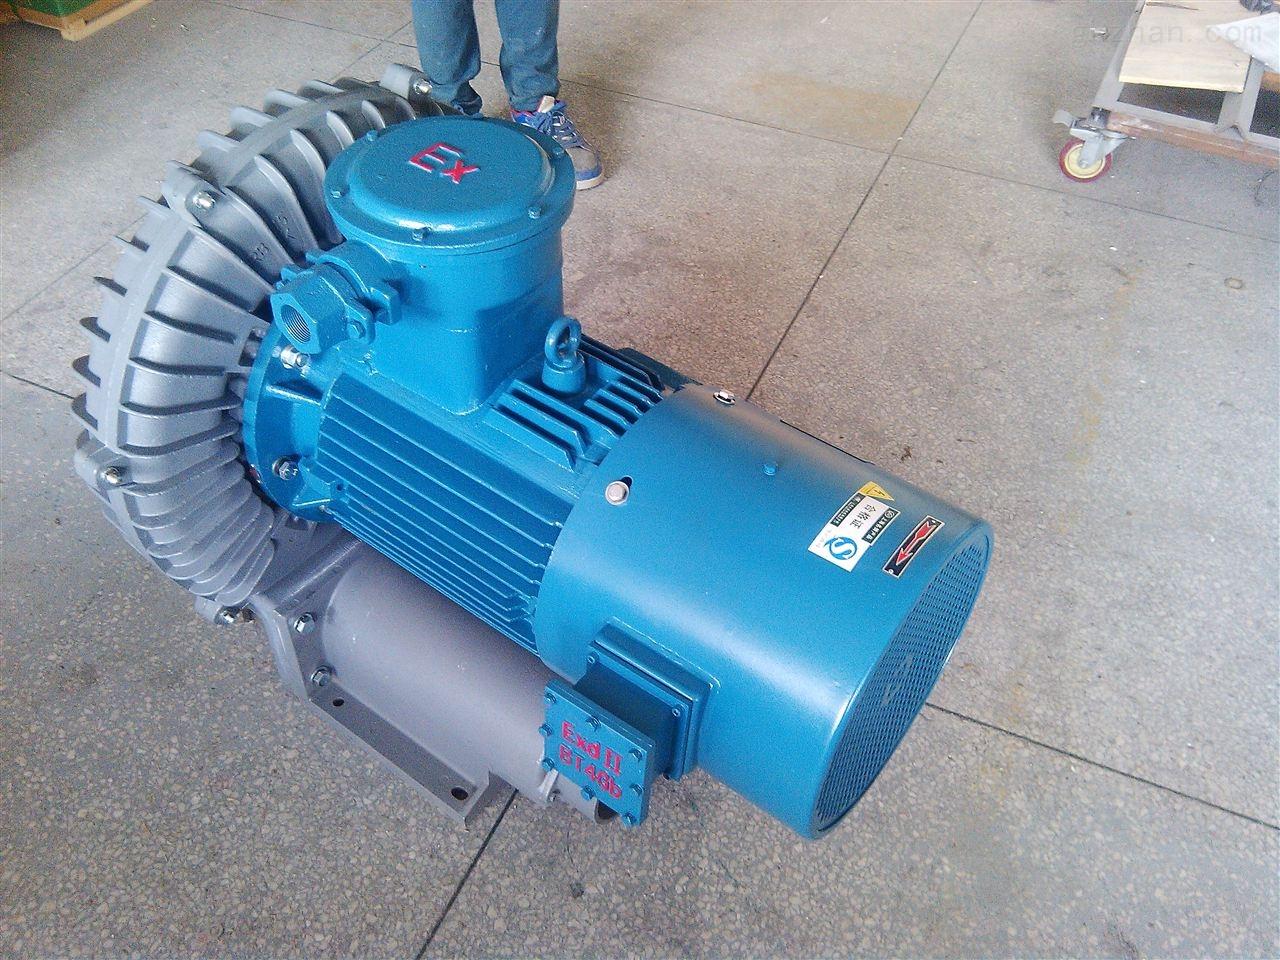 特殊防爆旋涡气泵生产厂家